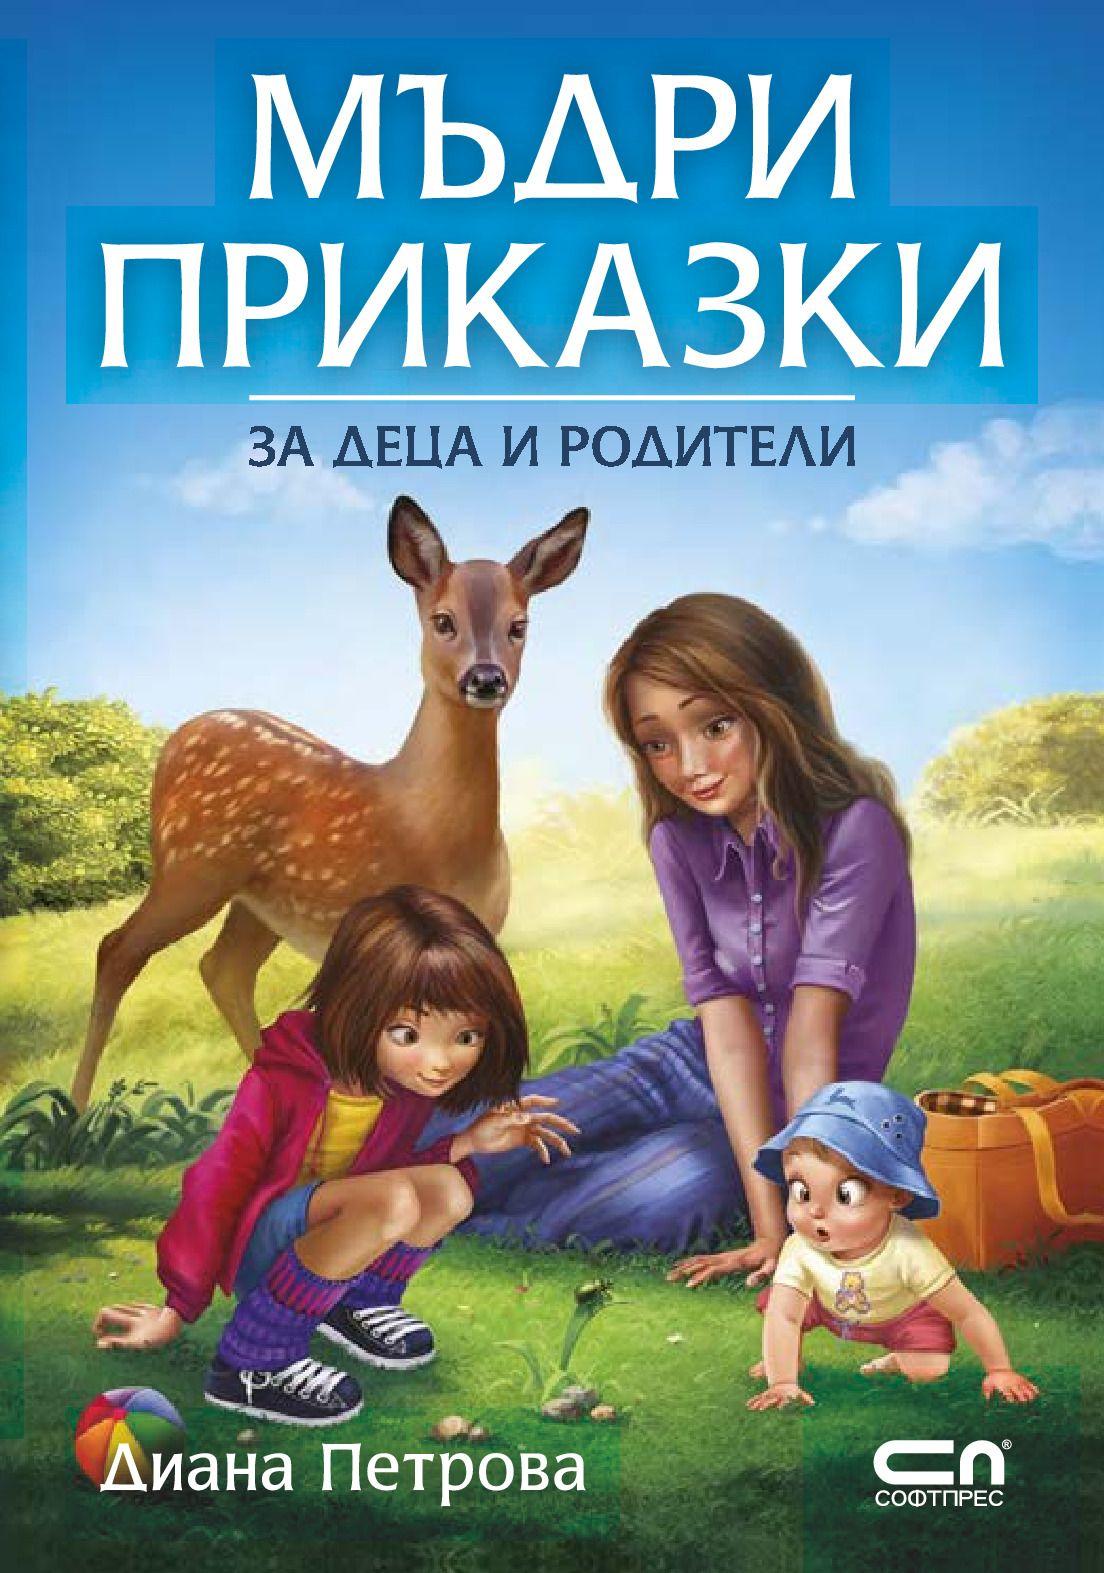 Мъдри приказки за деца и родители - 1